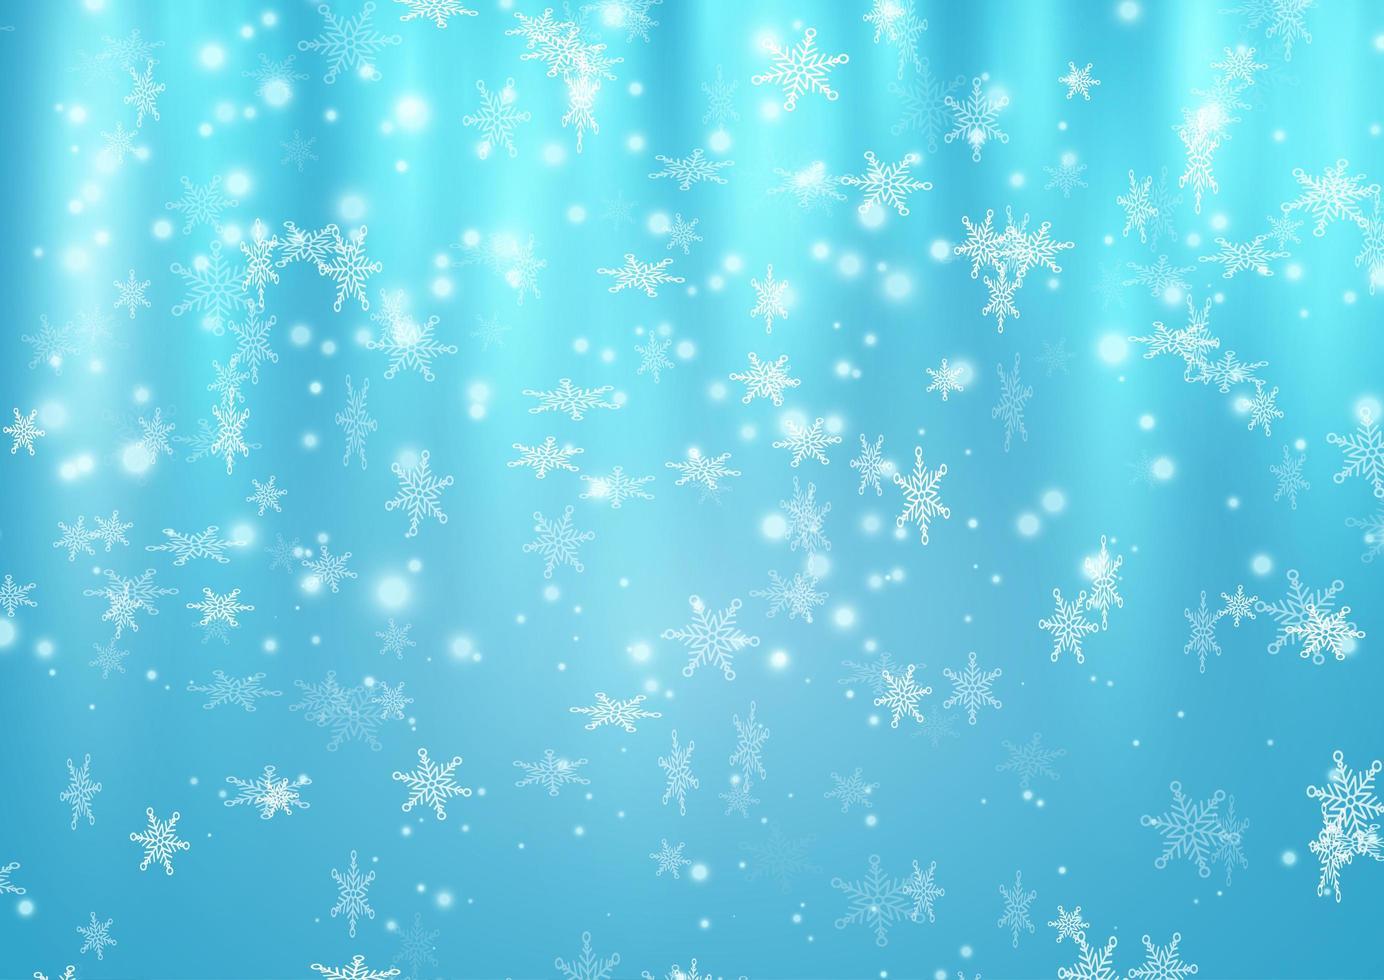 Weihnachtsblauer Hintergrund mit fallenden Schneeflocken vektor